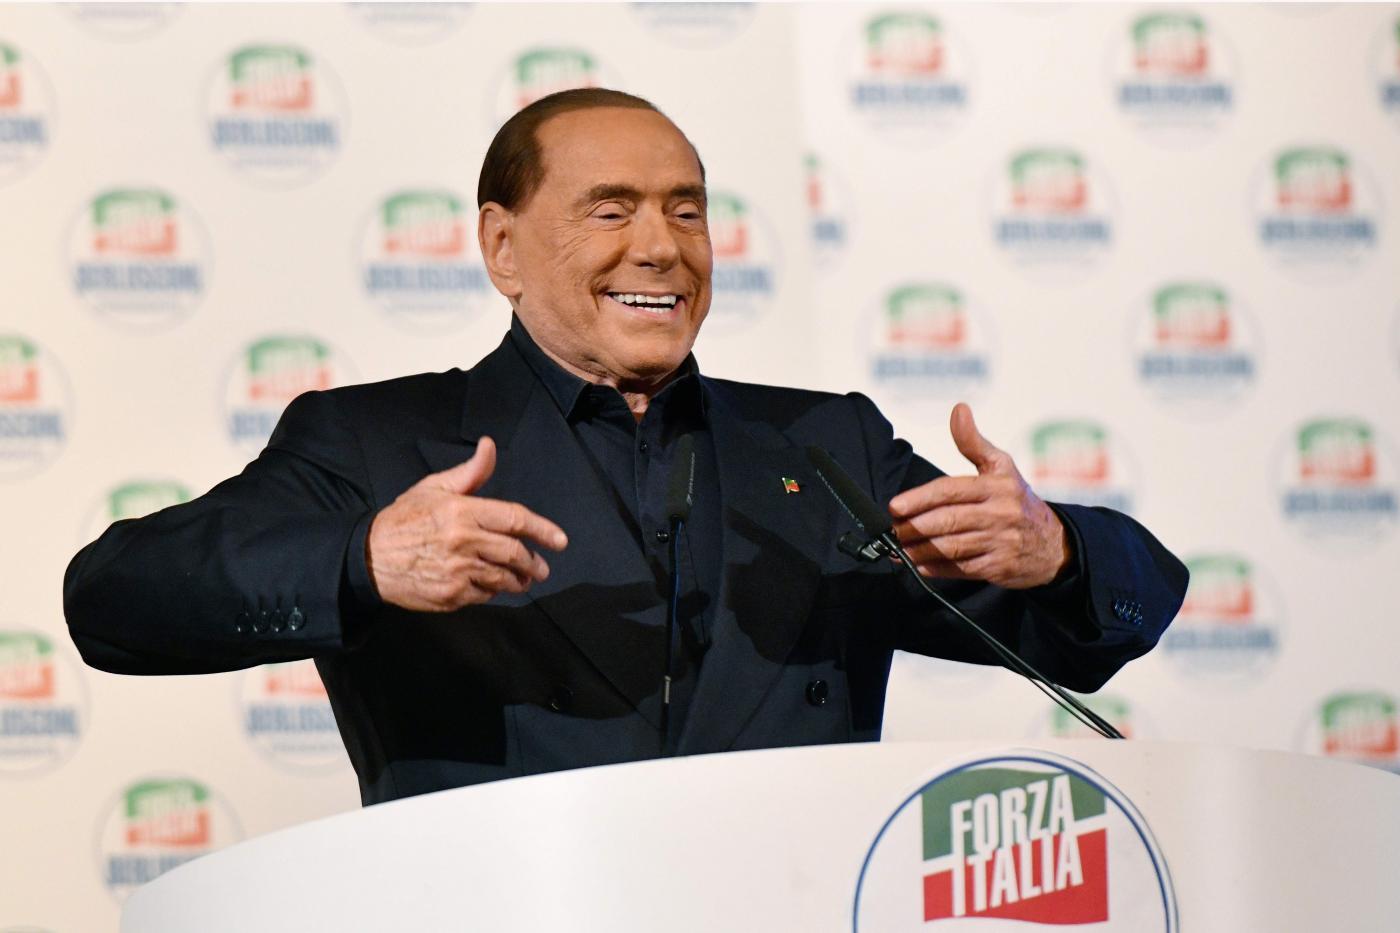 Berlusconi ed il flop di forza italia colpa del milan for Onorevoli di forza italia